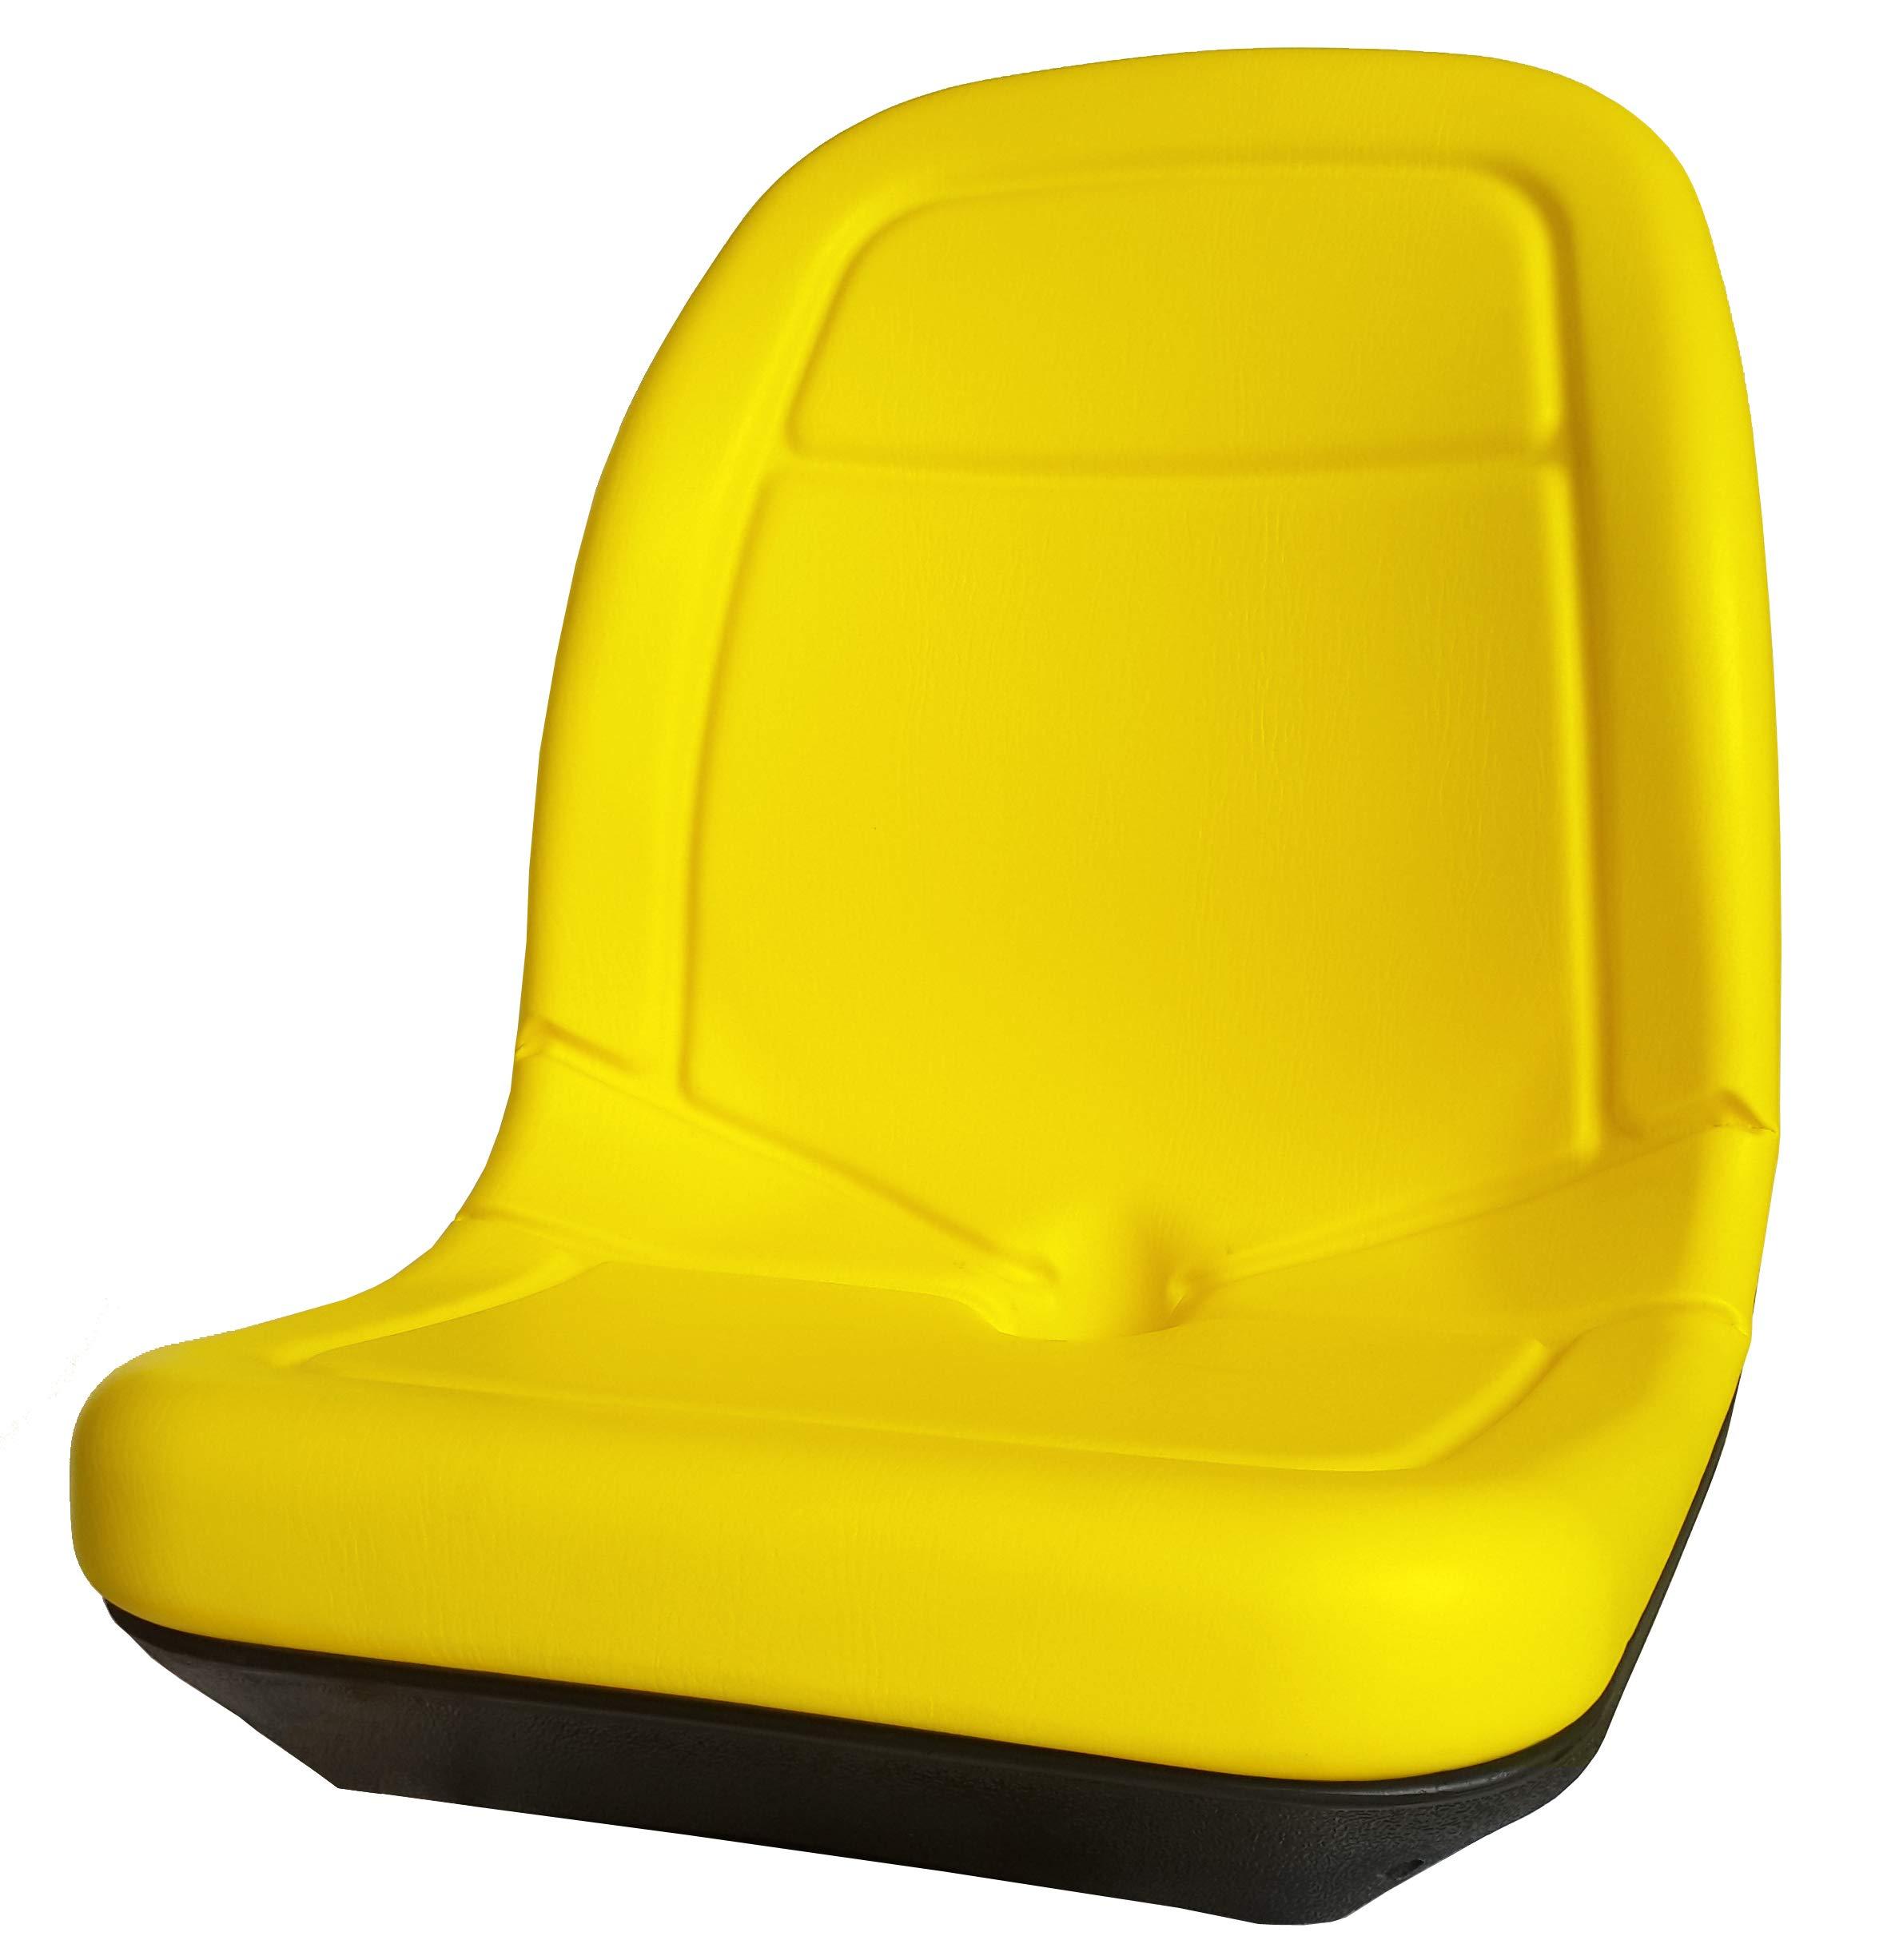 Star ST 2146 Yellow 21'' Gator Seat (for 4X2, 6X4, 4X4, CX E TE TH Trail Turf, John Deere: AM123636, AM129968, VG11696, VG12160, AM121752, AM129969 & All KUBOTA)